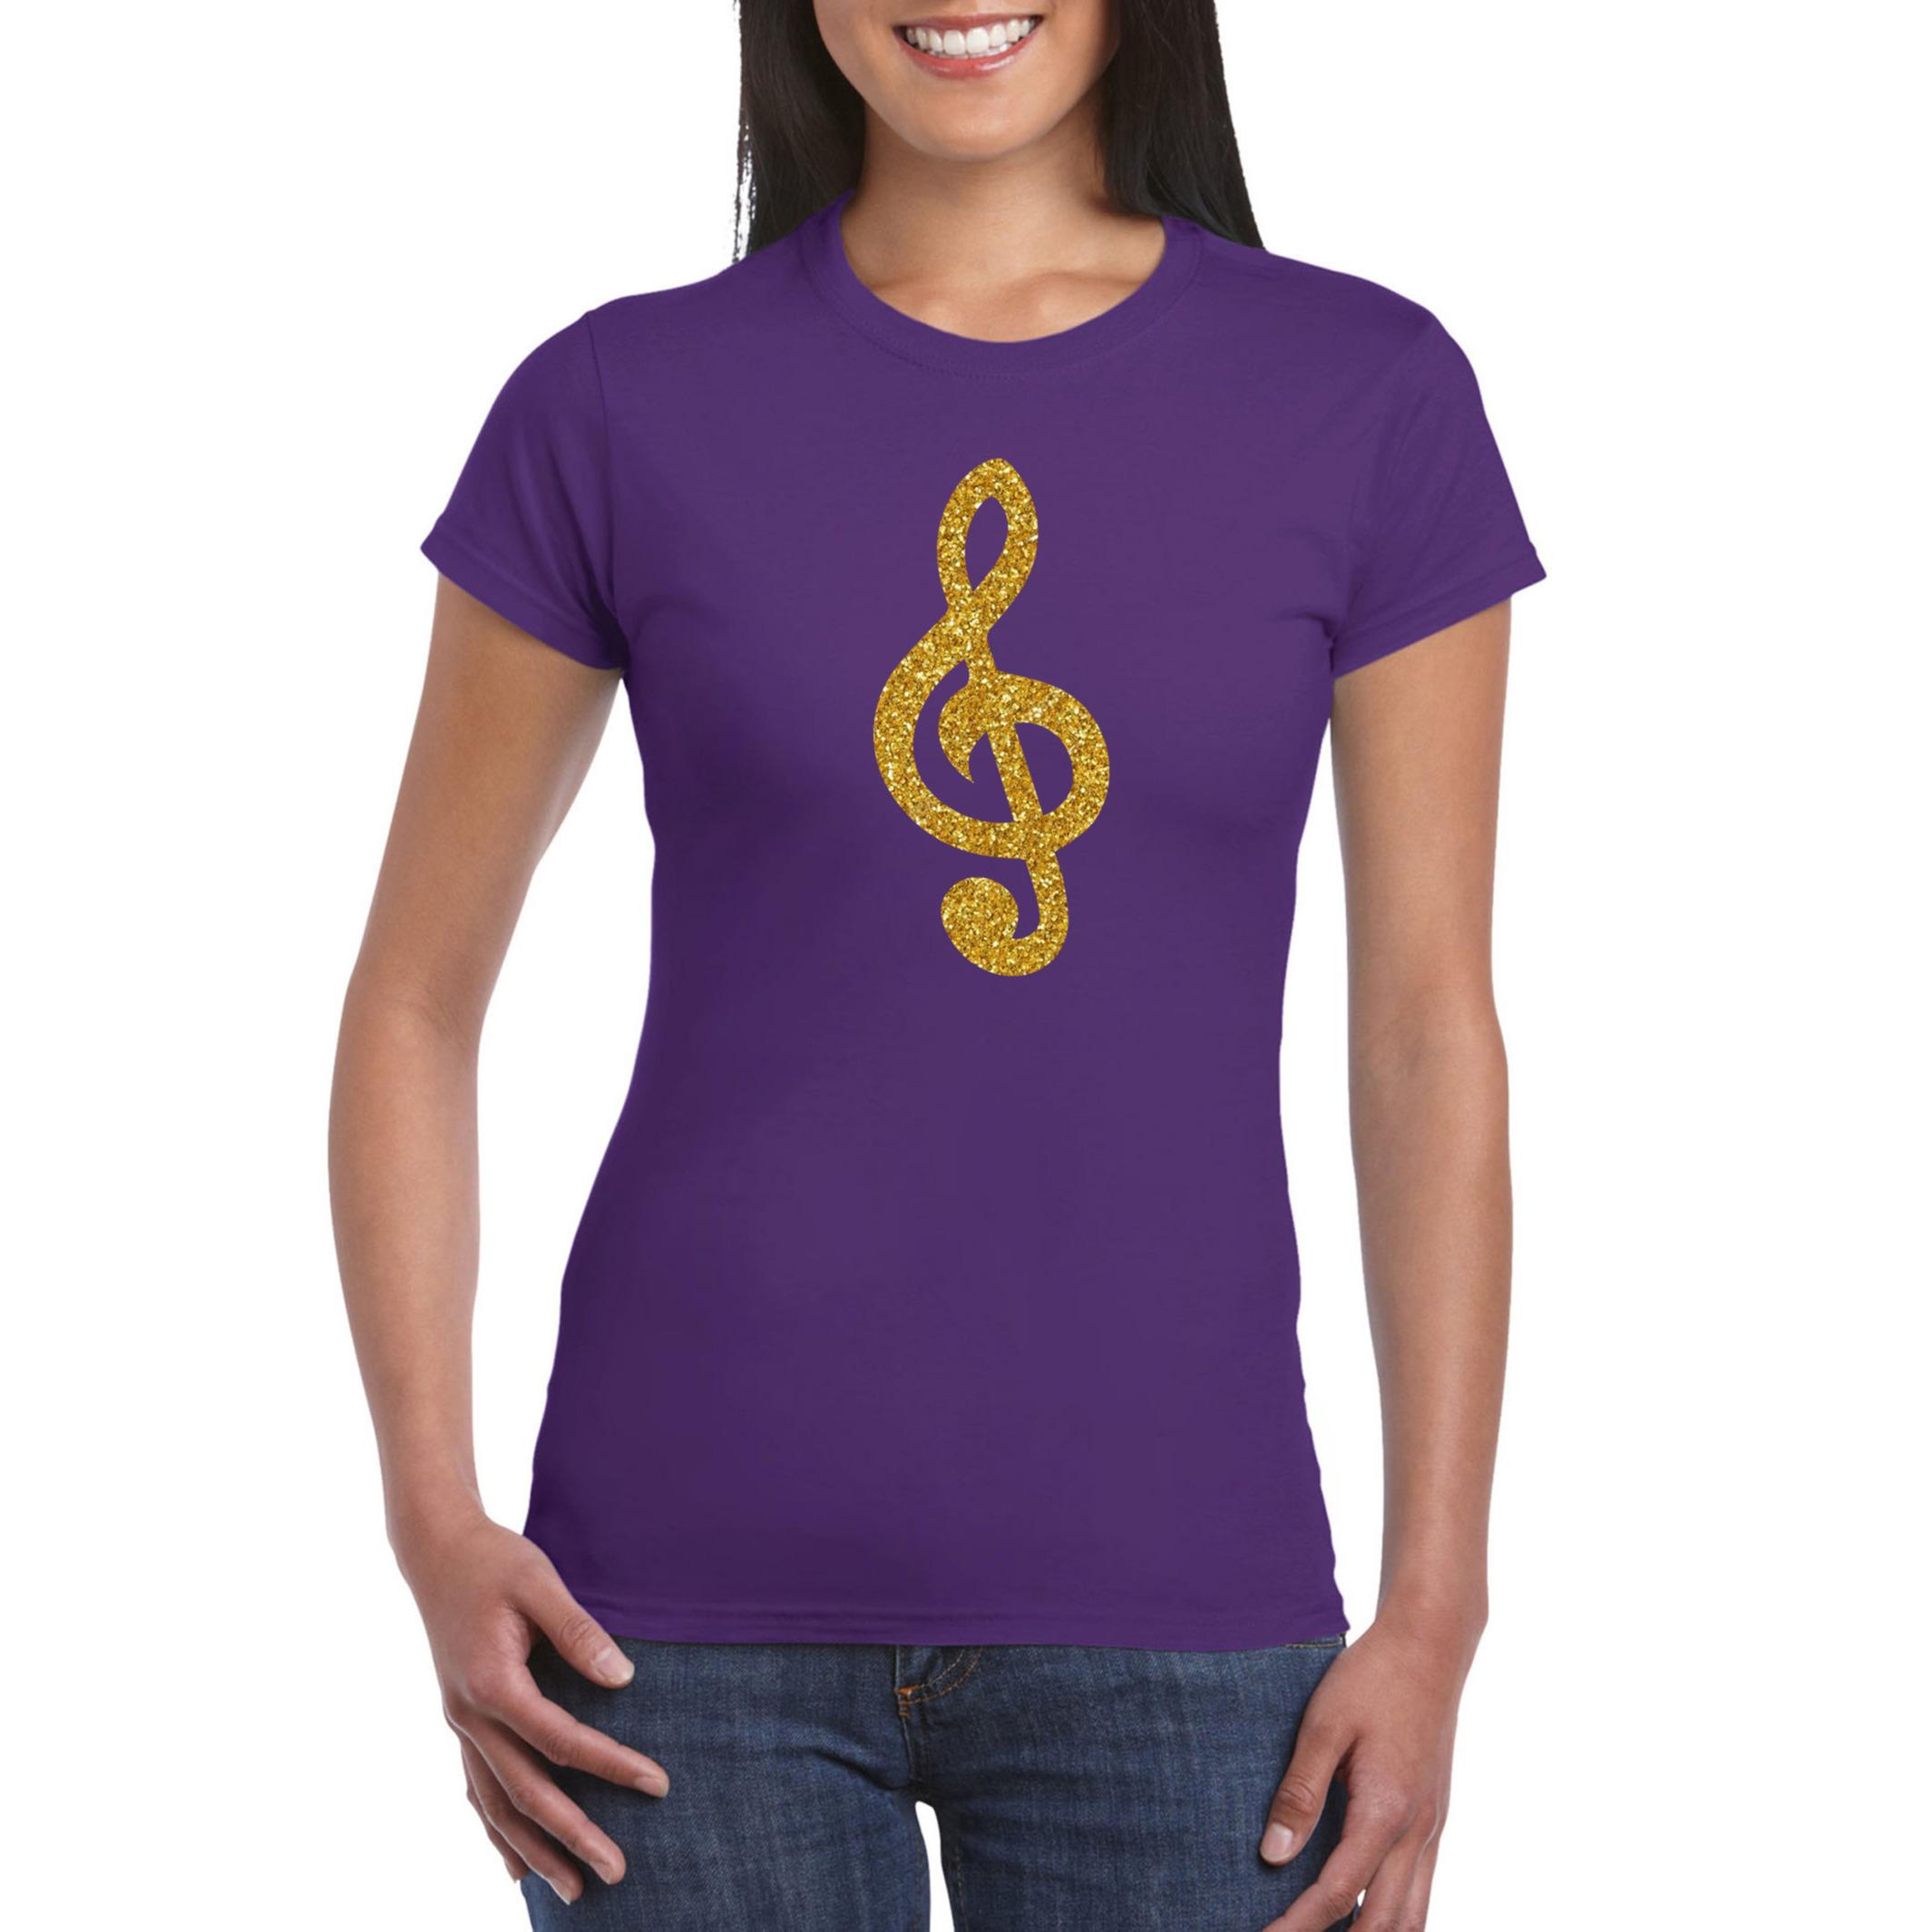 Gouden muzieknoot G-sleutel - muziek feest t-shirt - kleding paars dames